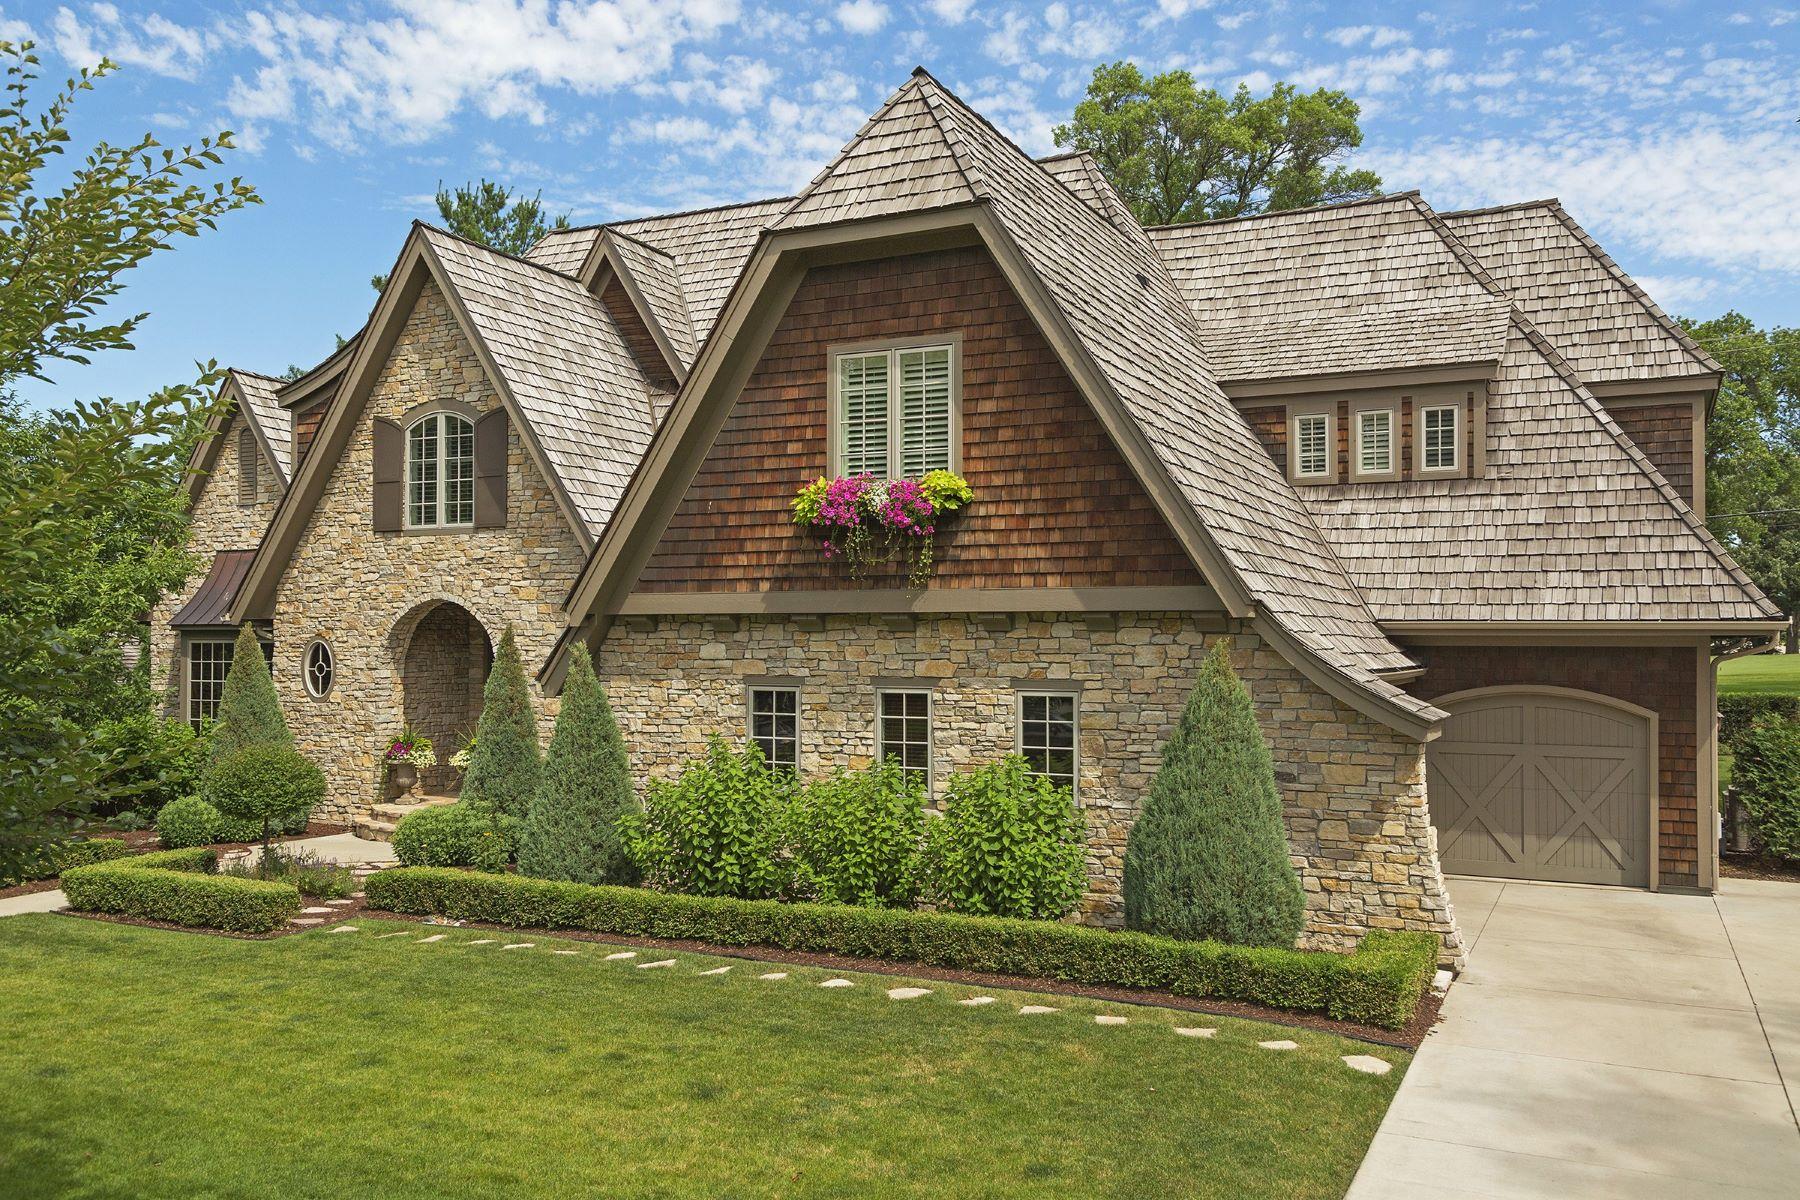 Maison unifamiliale pour l Vente à 4704 Golf Terrace Edina, Minnesota, 55424 États-Unis